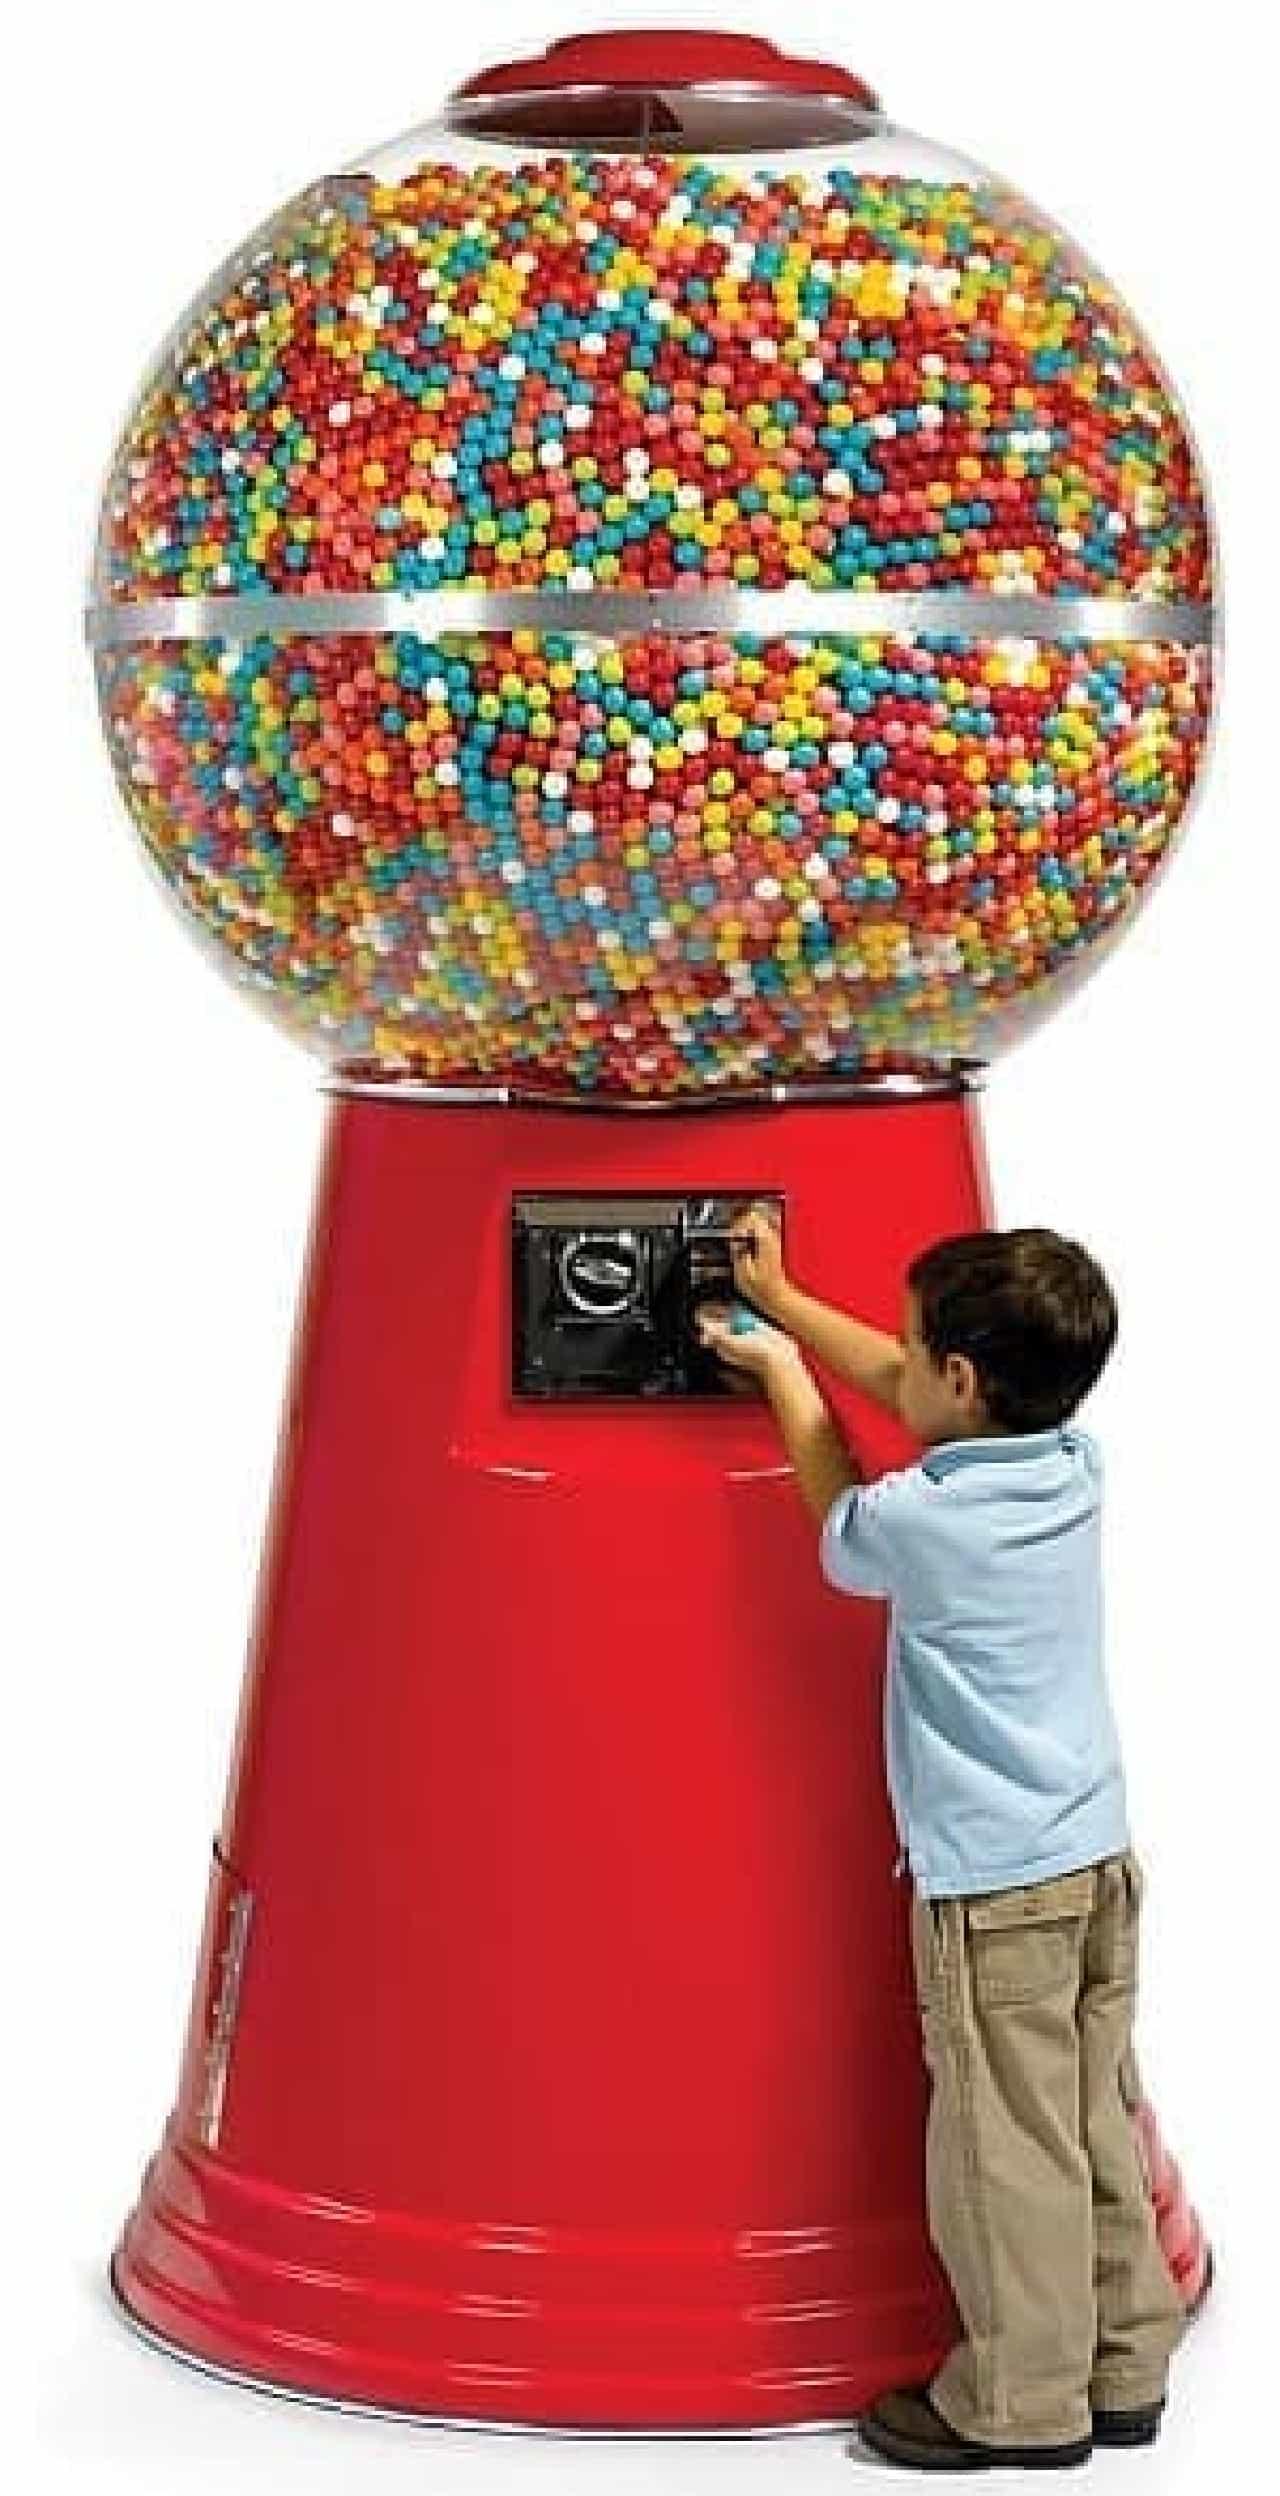 巨大ガムボールマシン  その高さは子ども2人分?